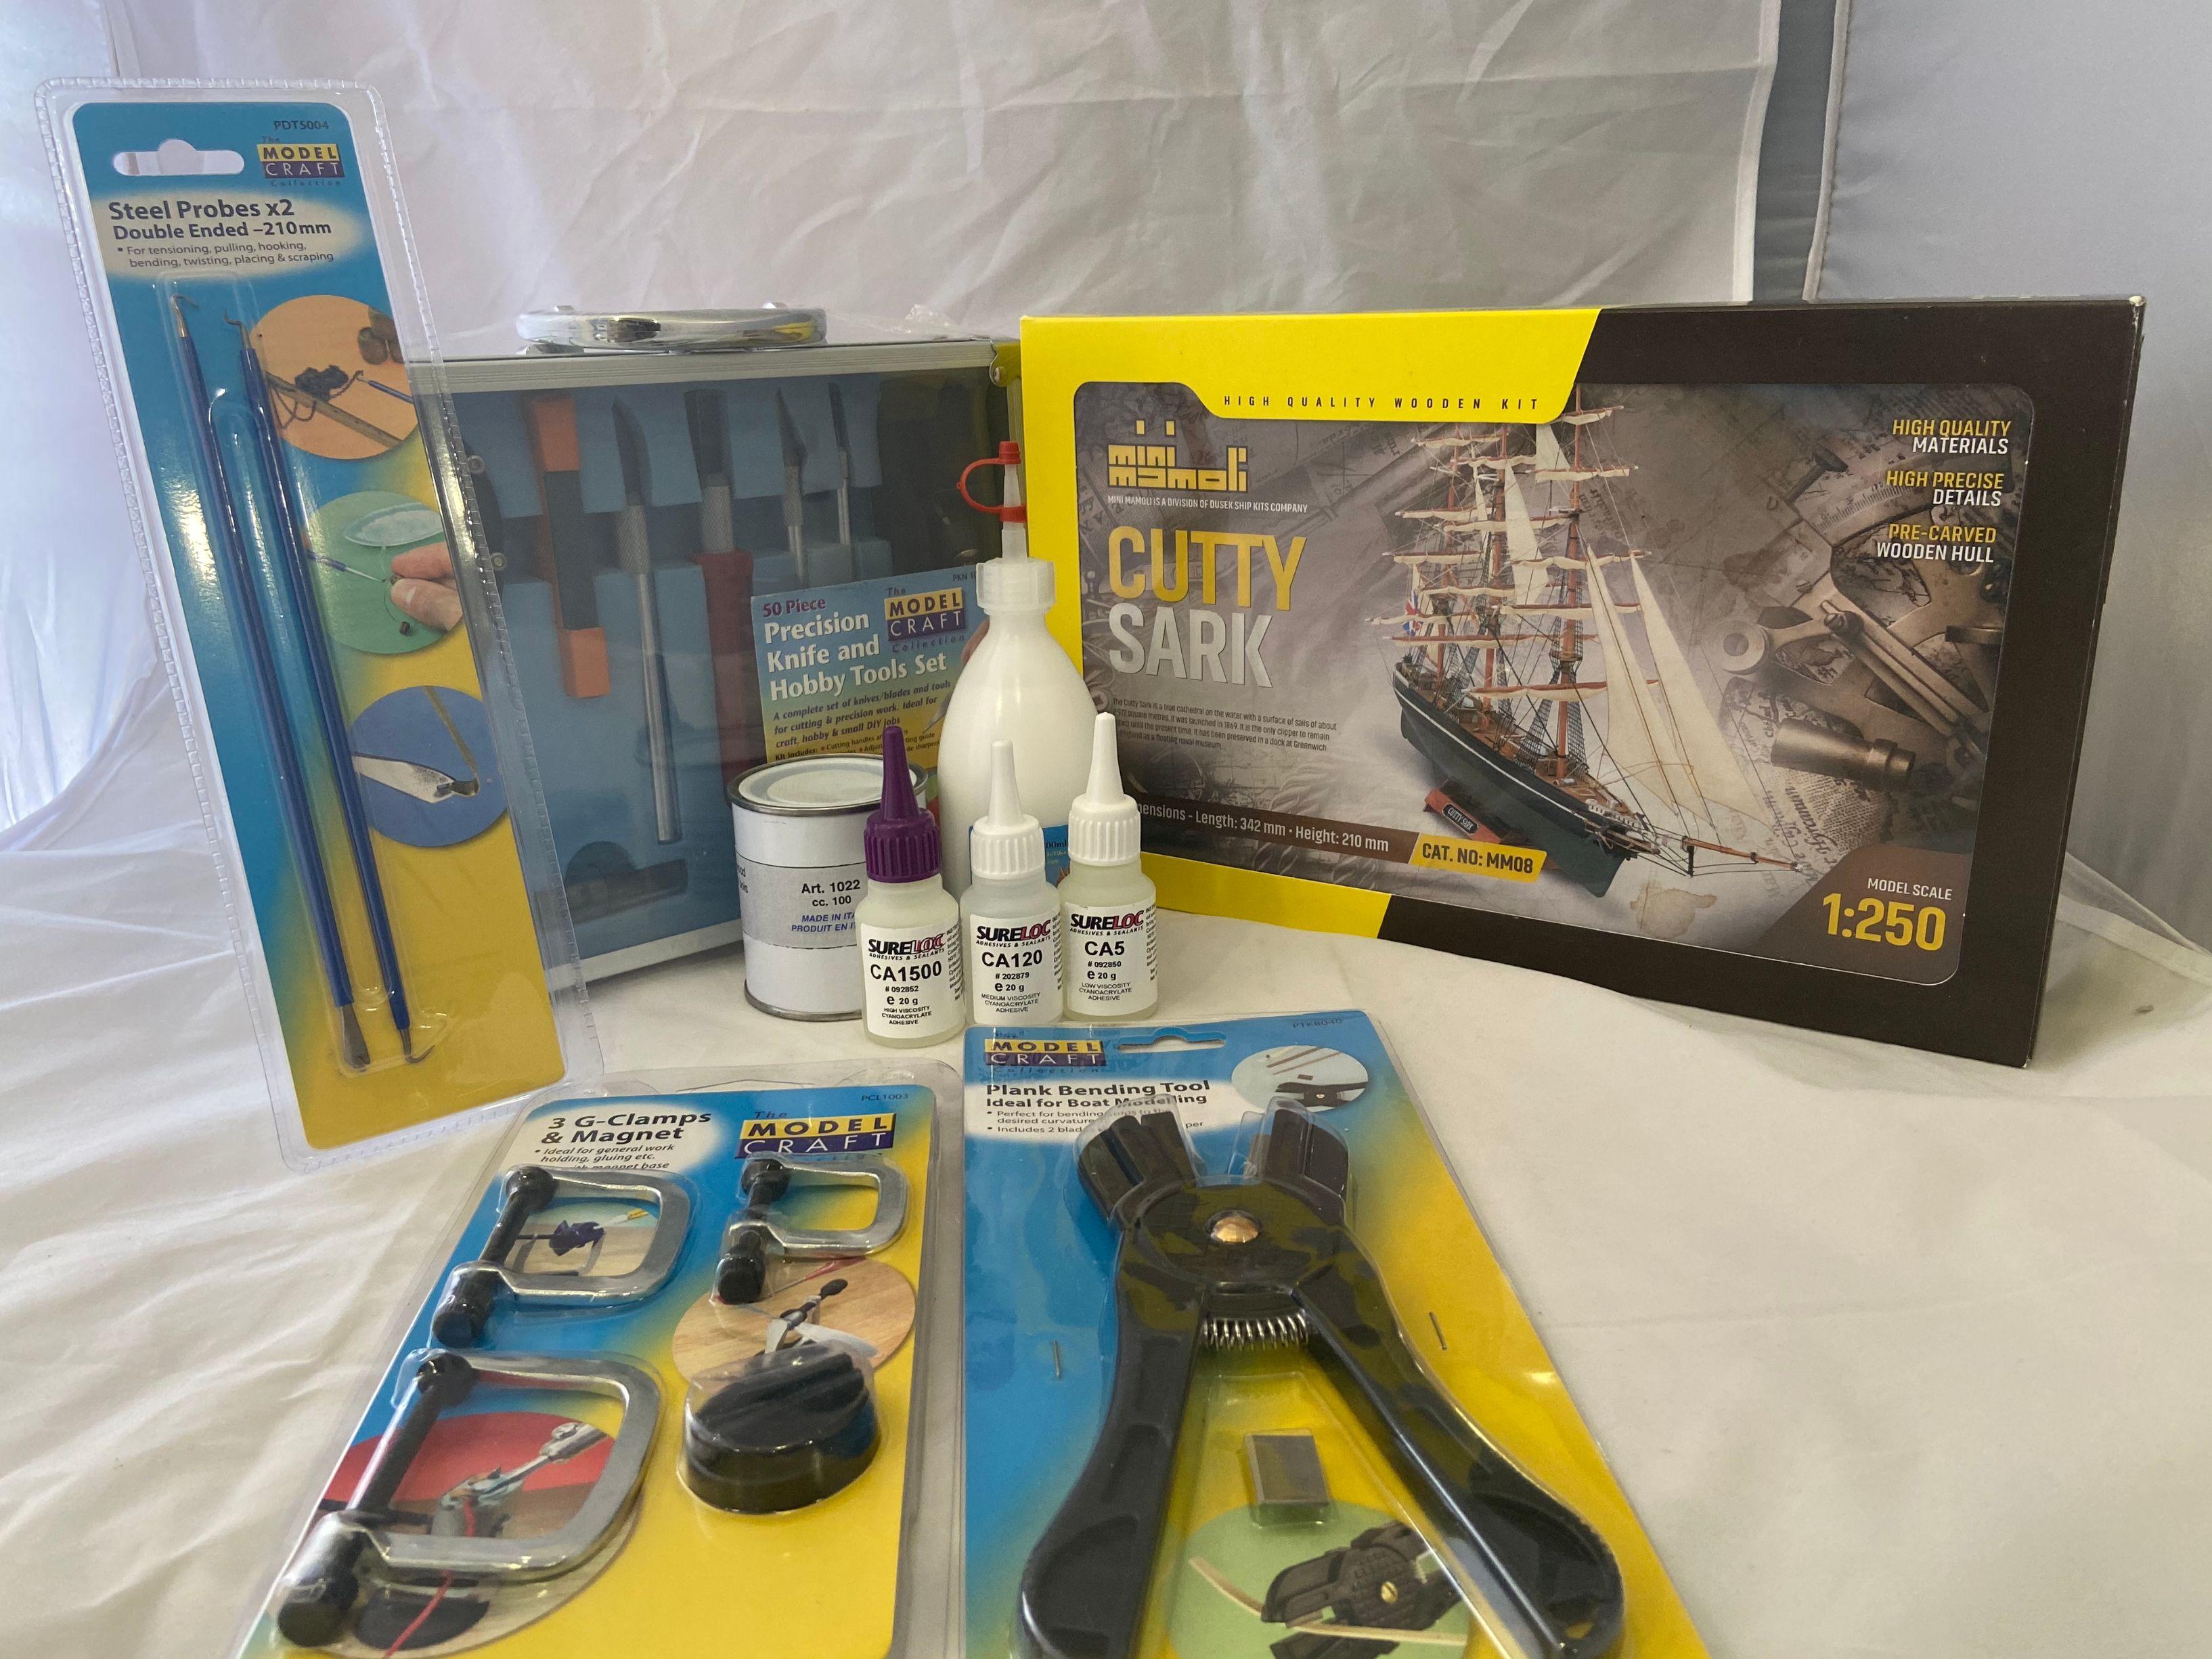 Cutty Sark Kit pour débutant tout en un